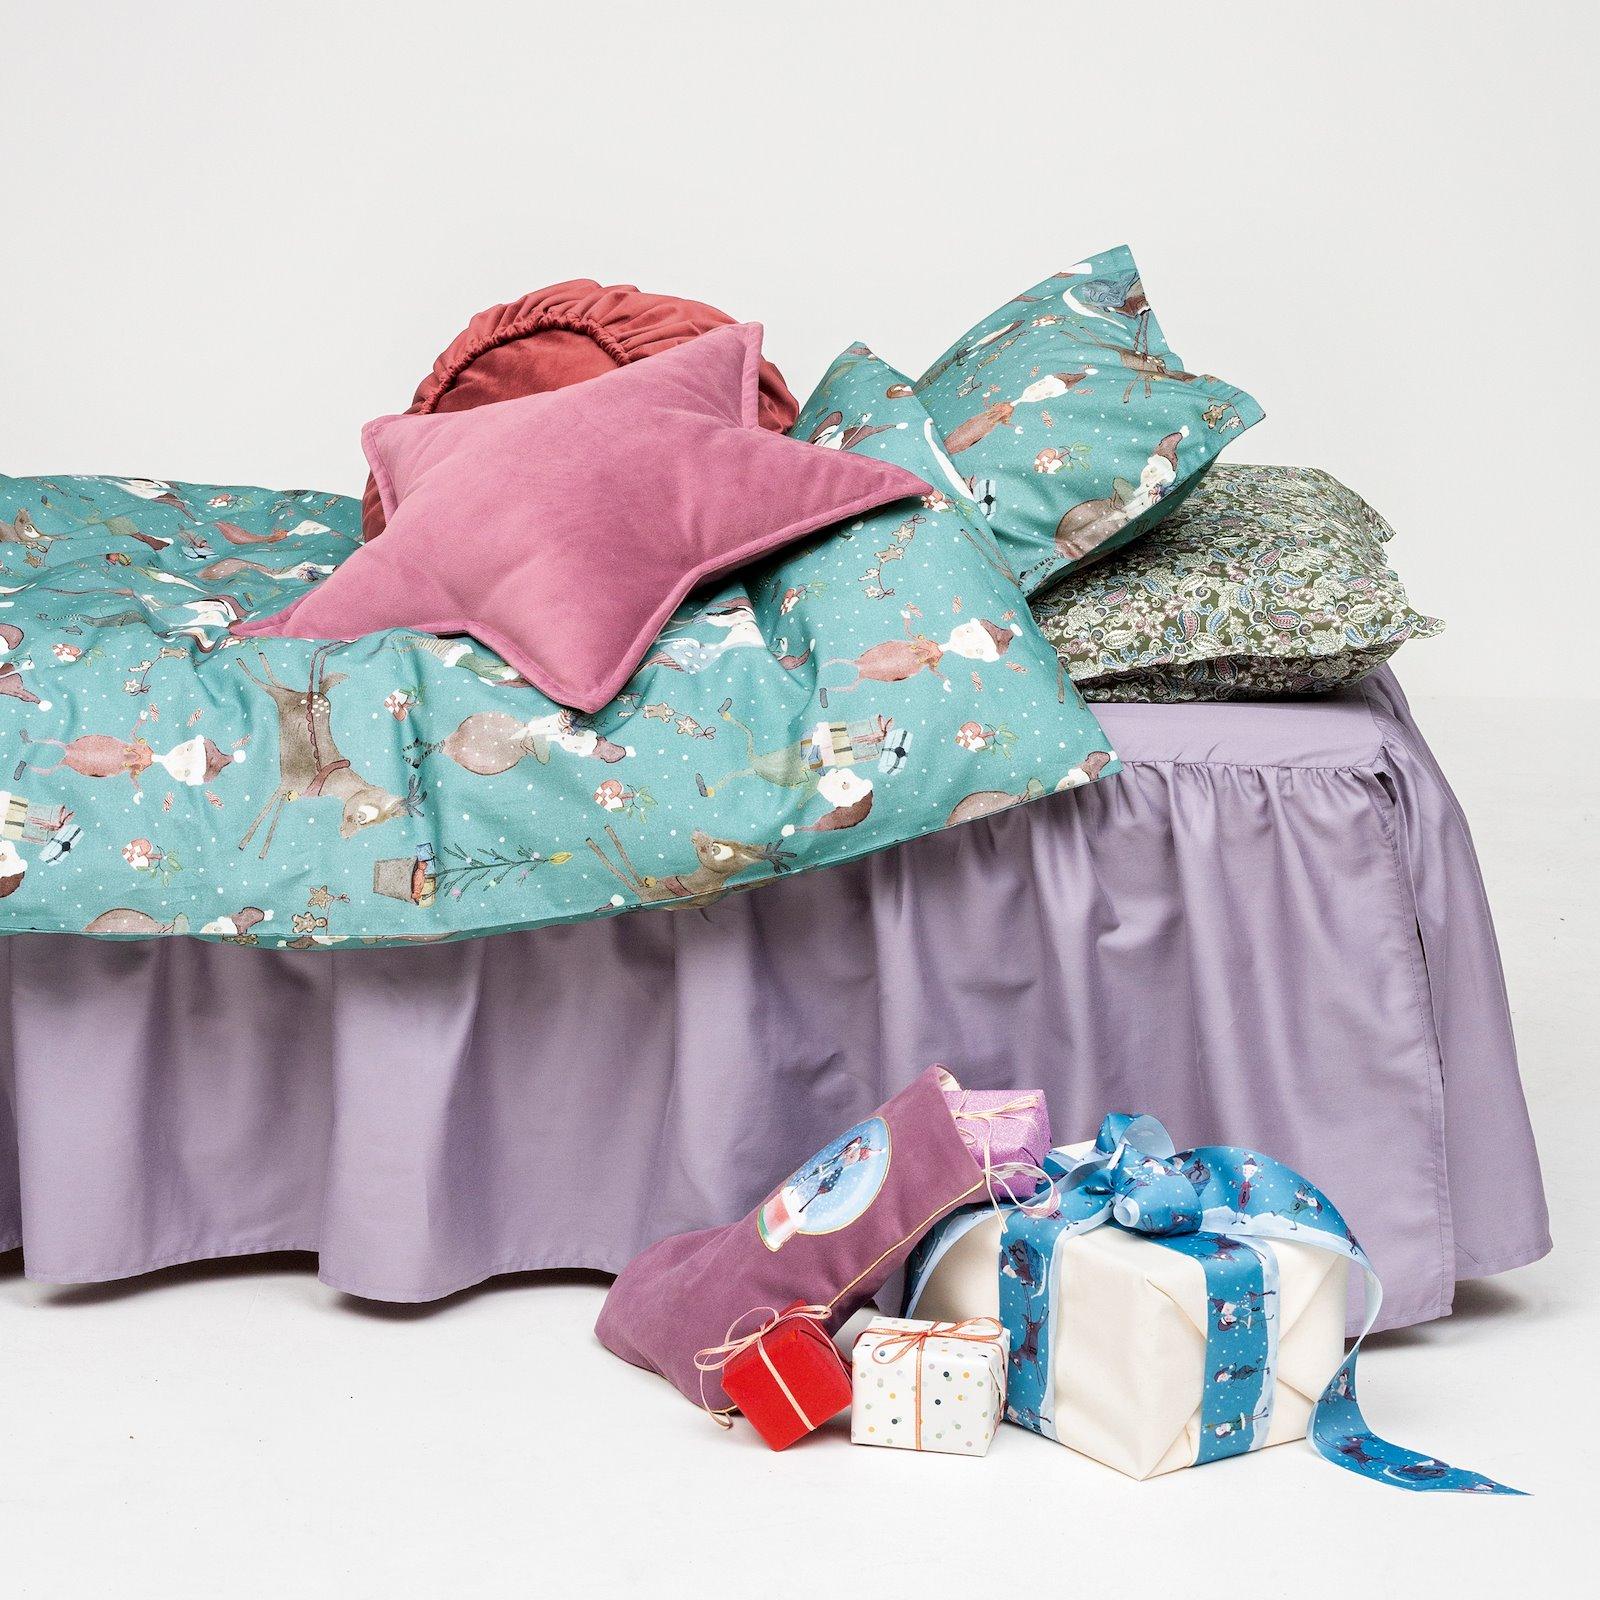 Bed linen p90076_852415_p90278_823829_p90278_823695_bundle